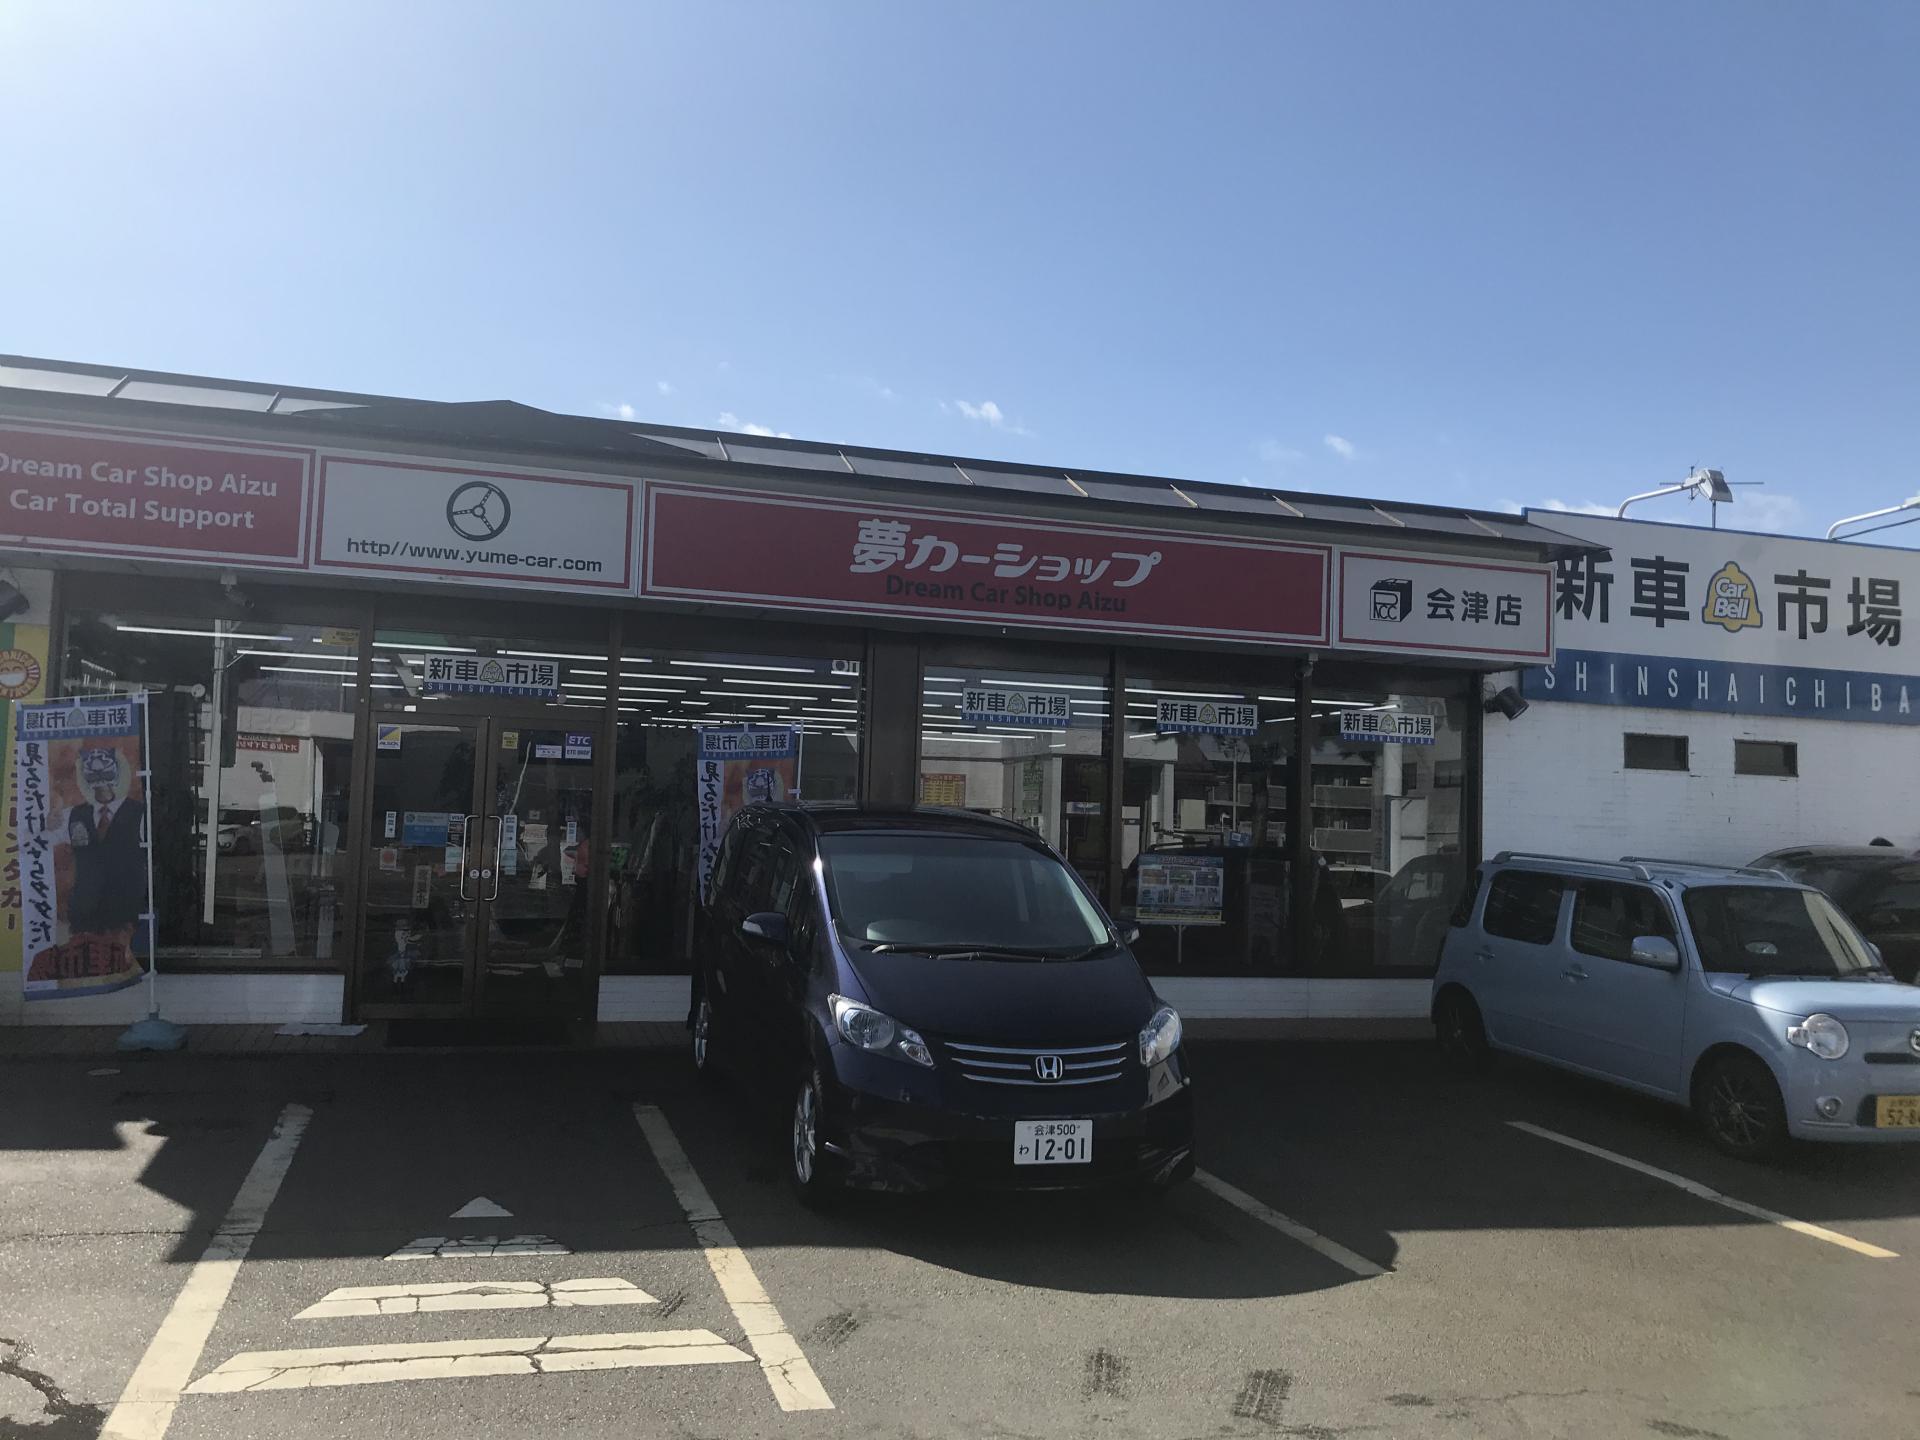 夢カーショップ 新車市場 会津店